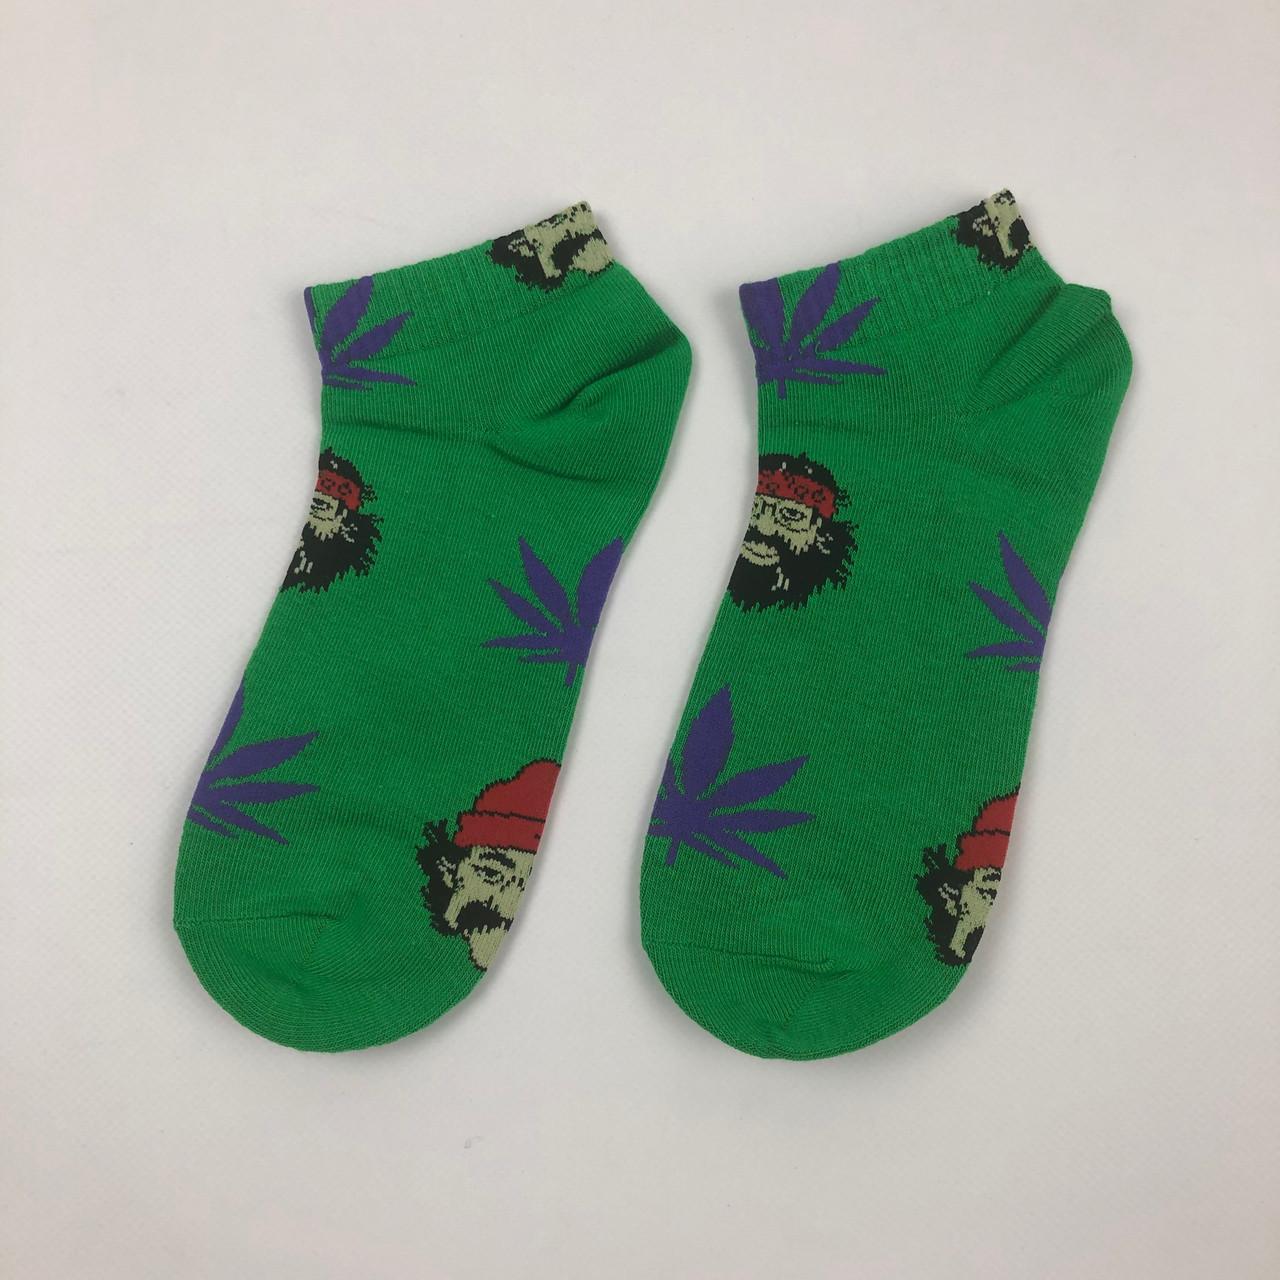 Носки HUF Cheech Chong - Низкие - Зеленые (Фиолетовый лист)